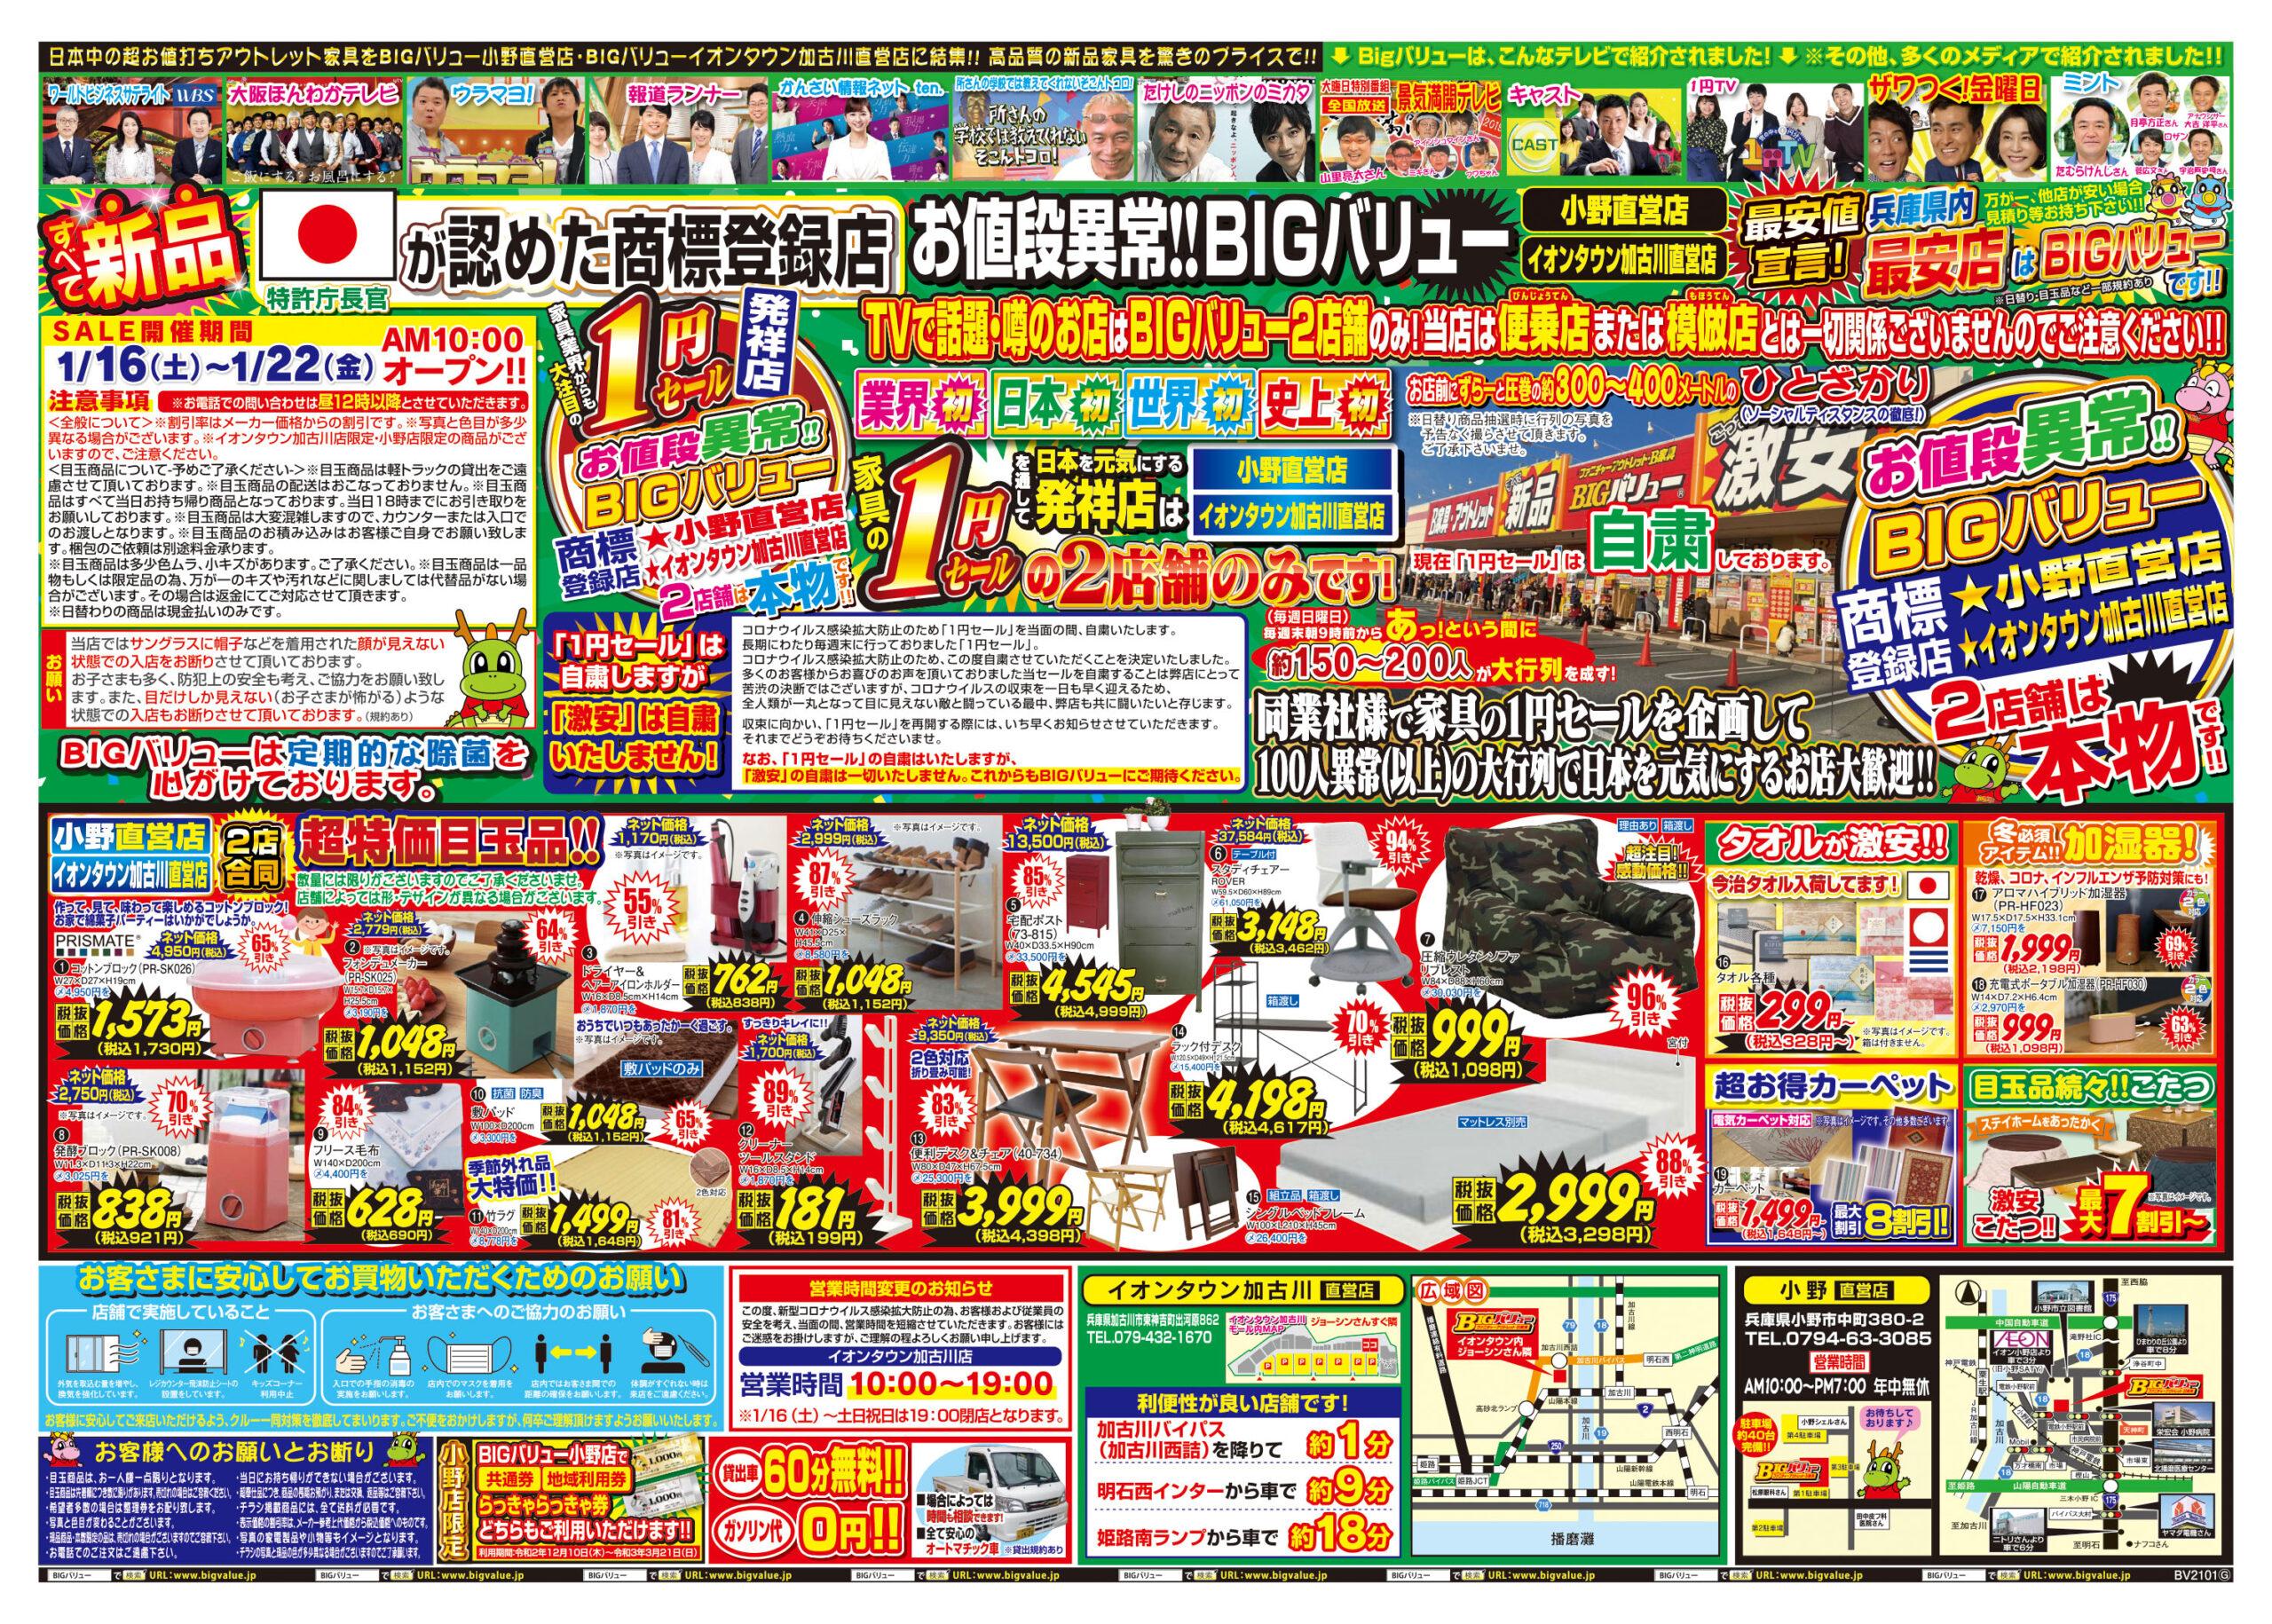 チラシ情報2021年1月16日~1月22日 小野店/イオンタウン加古川店